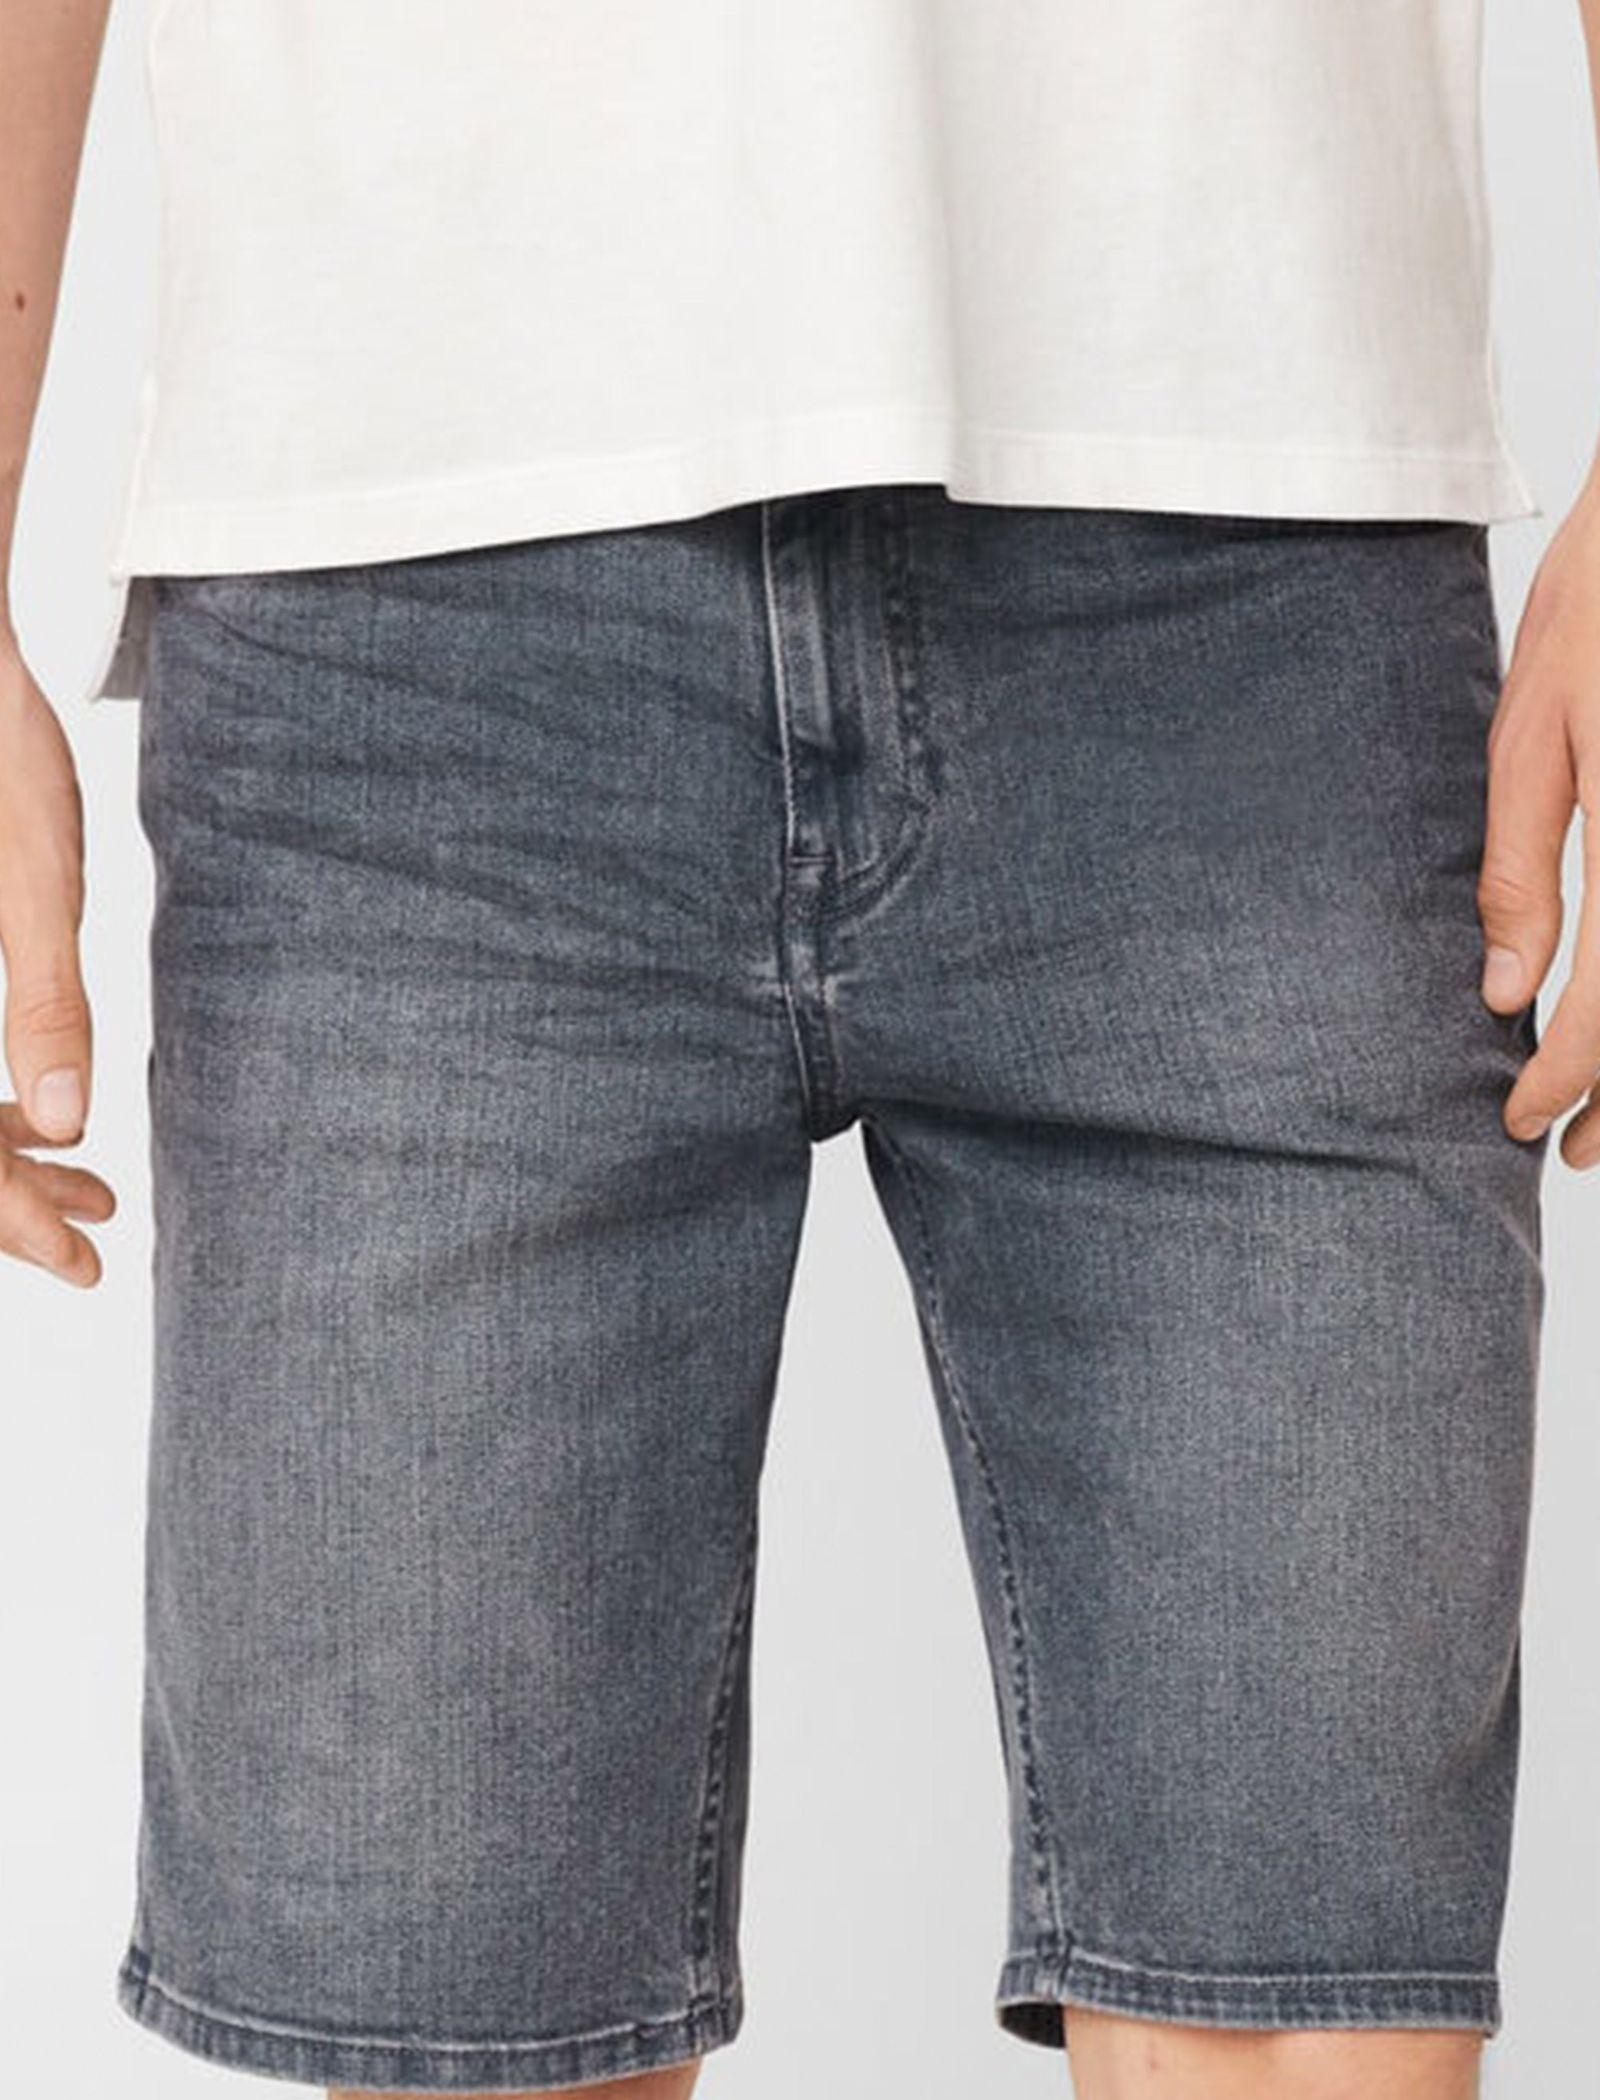 شلوارک جین مردانه - مانگو - طوسي - 2